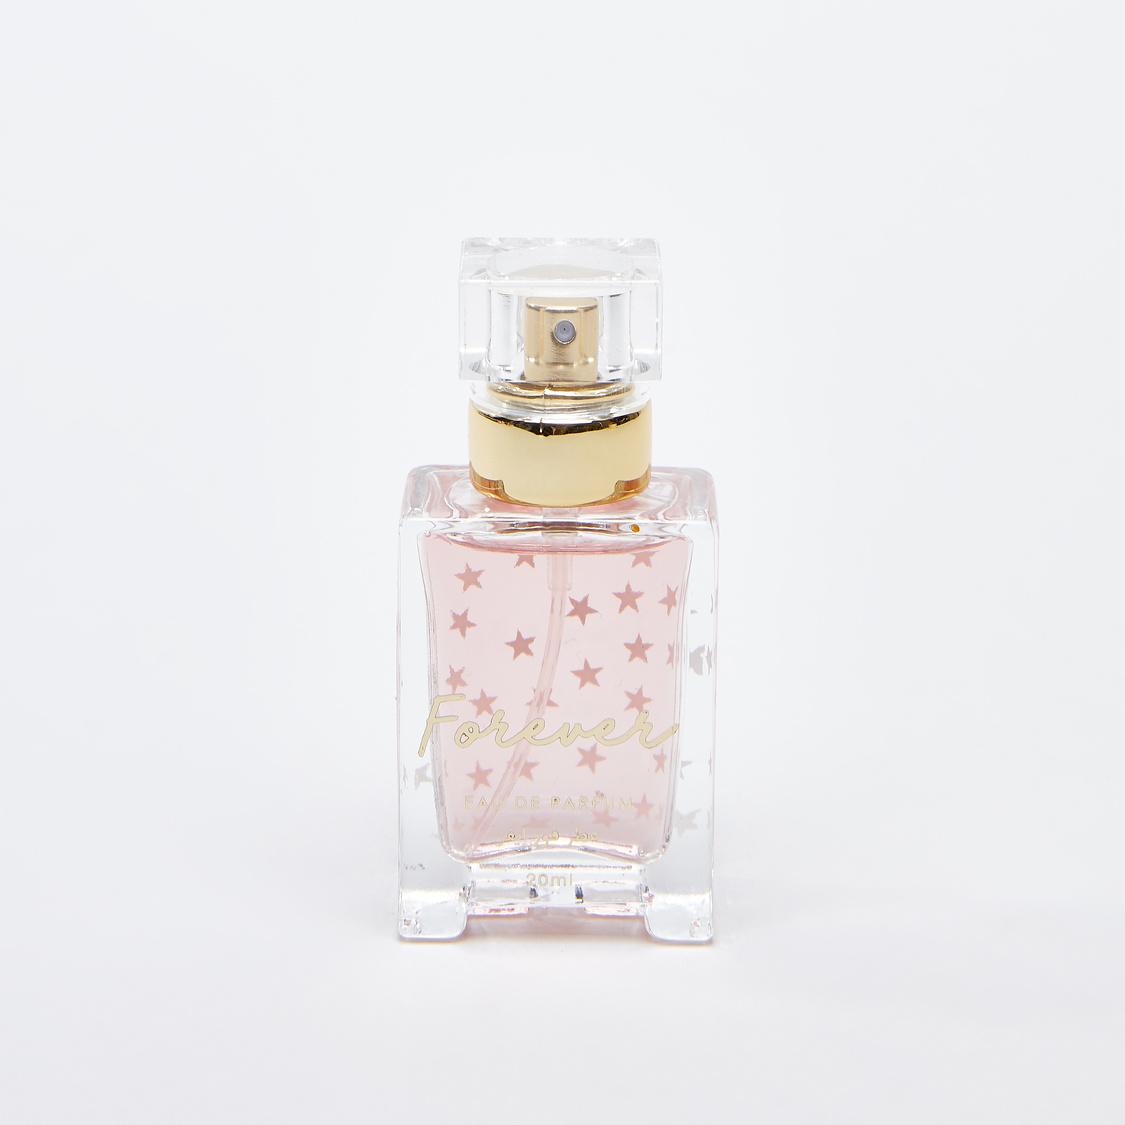 Forever Eau De Parfum Fragrance Bottle - 20 ml